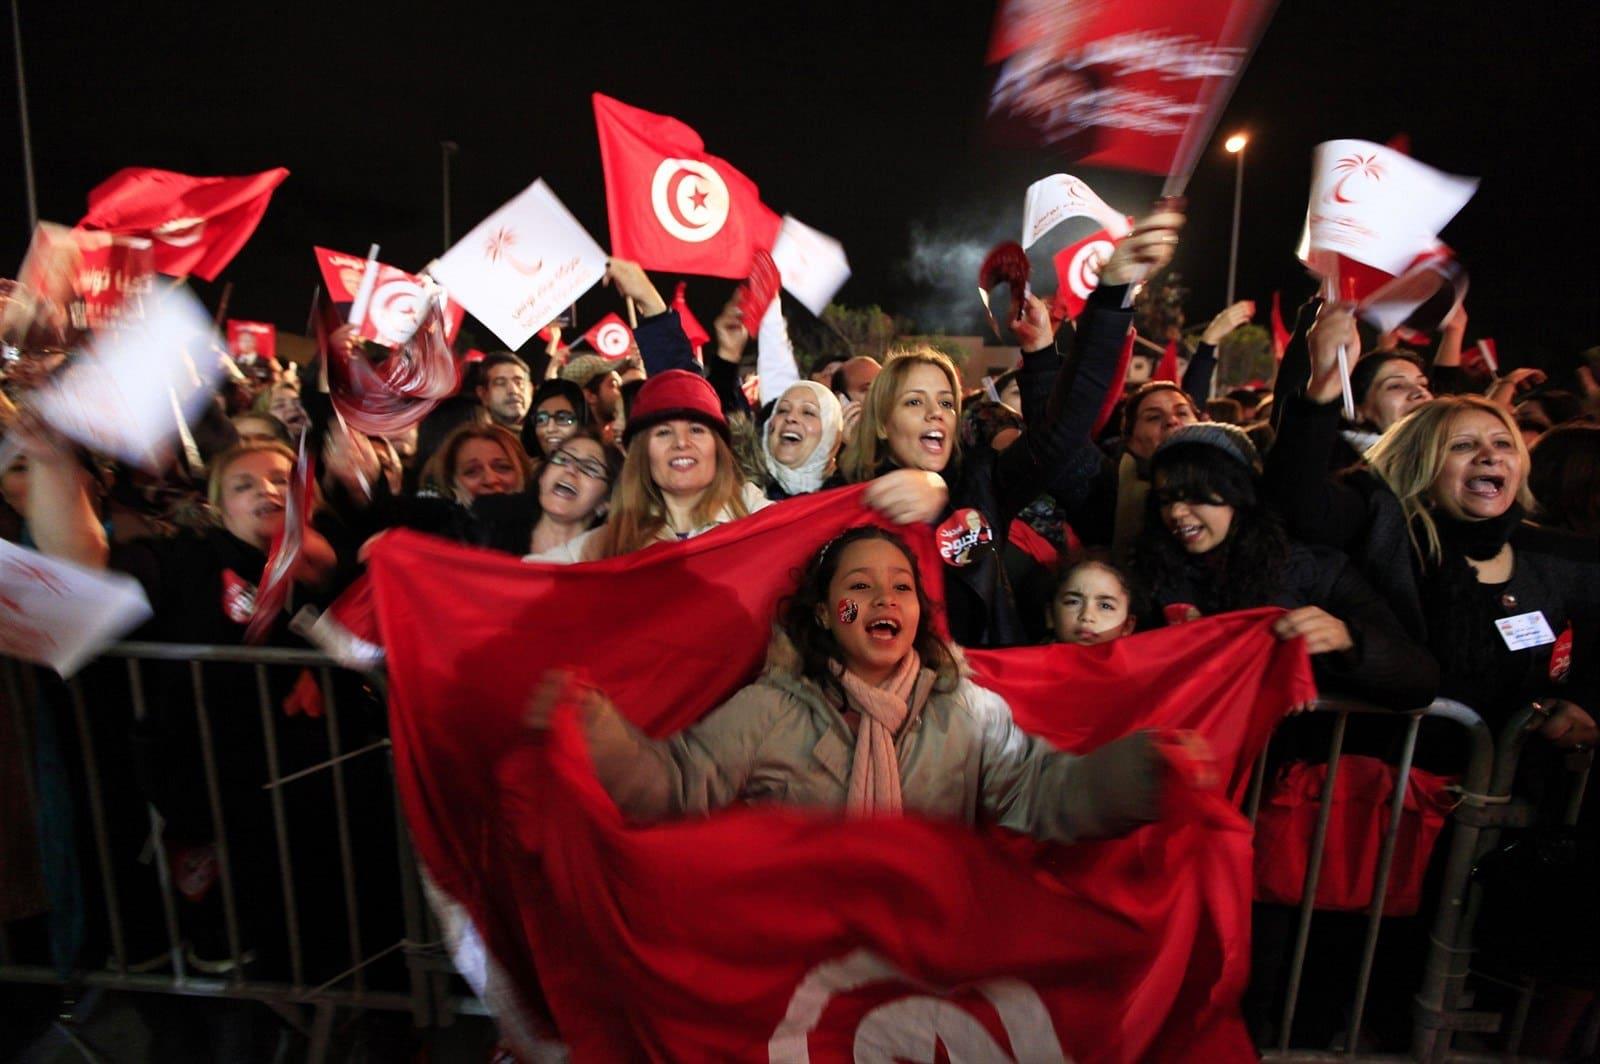 tunisia matrimonio religione